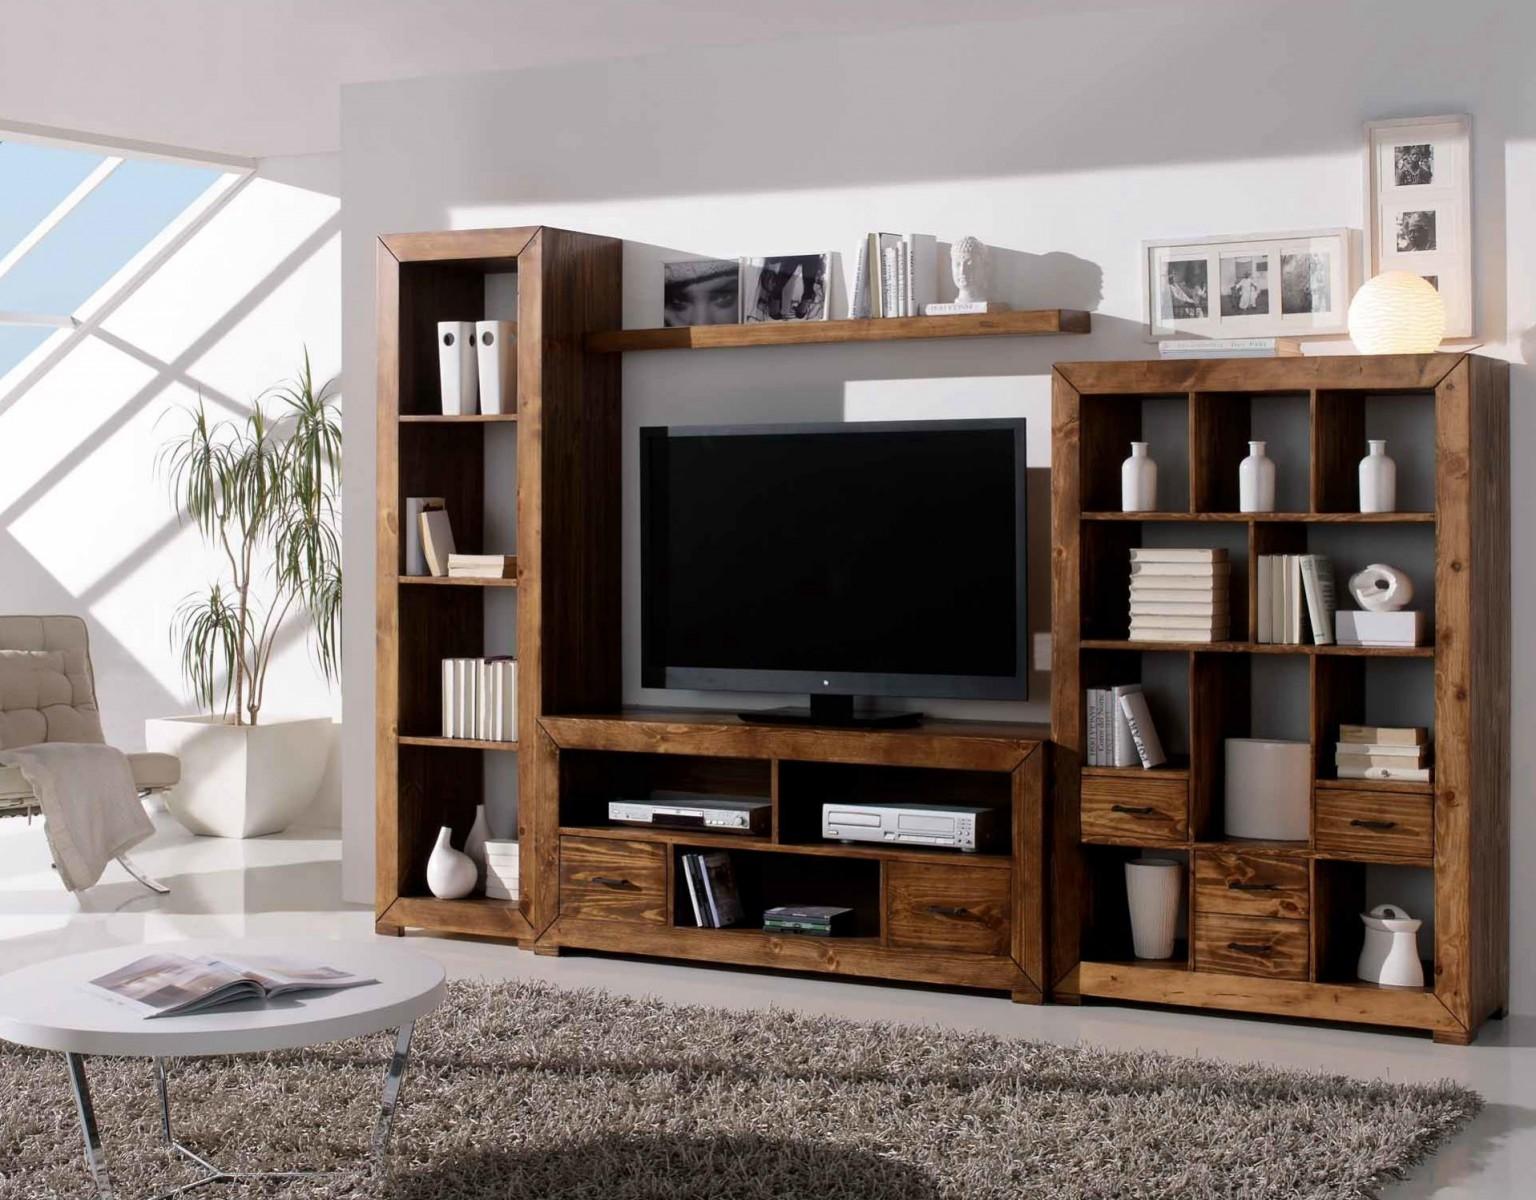 Muebles rusticos mexicanos baratos 20170724181240 - Muebles de salon modulares de madera ...